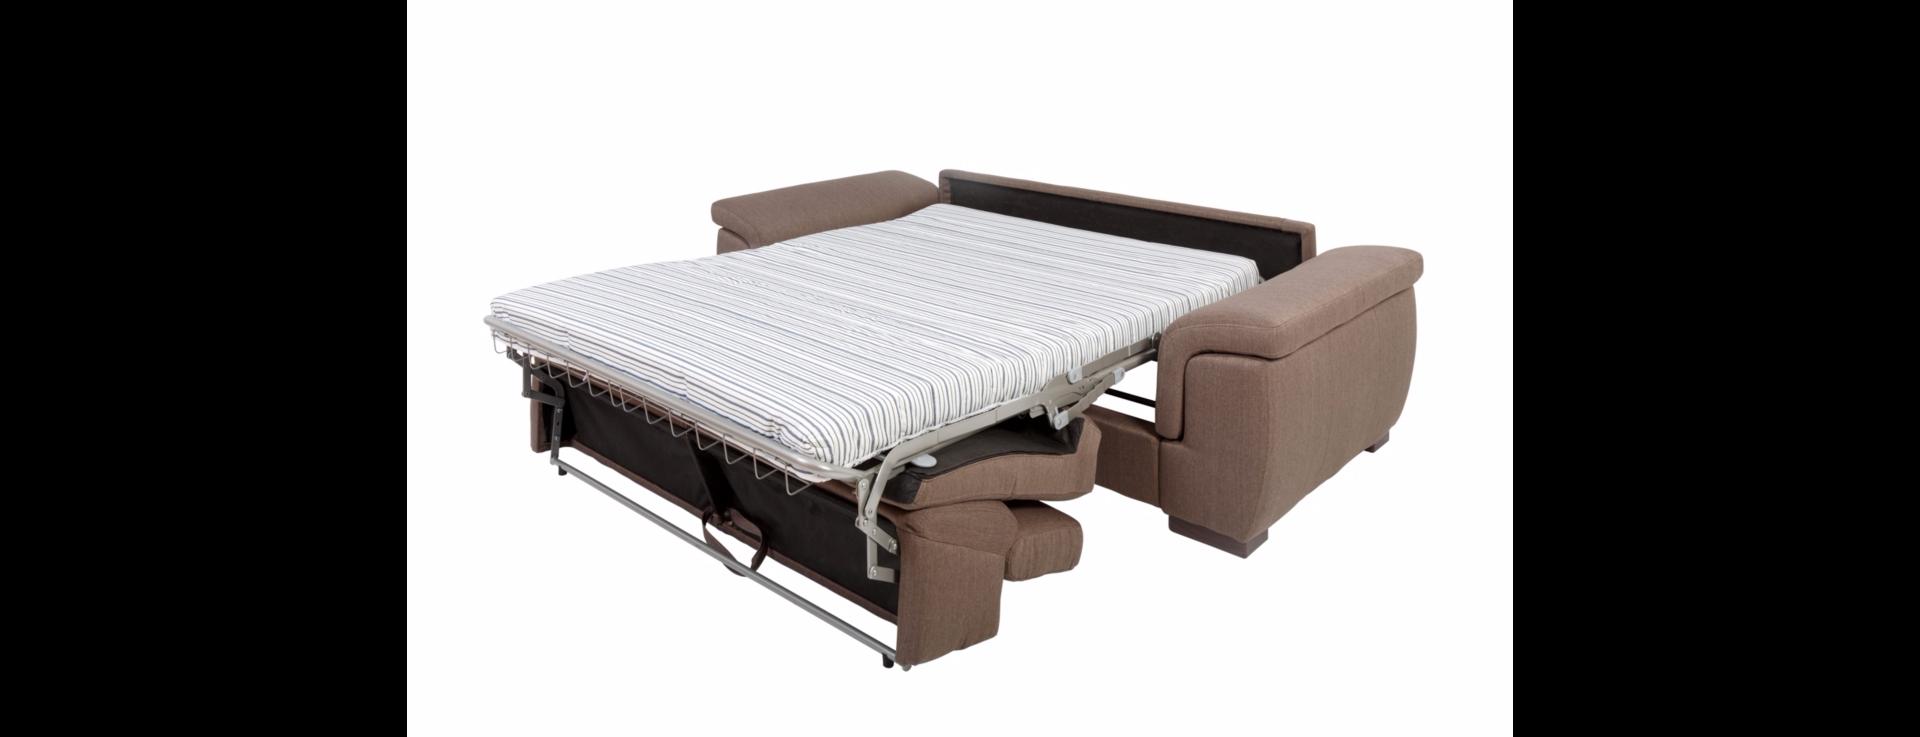 Canapé convertible usage quotidien RAYMOND couchage 140cm en tissu nubuck épais EVA